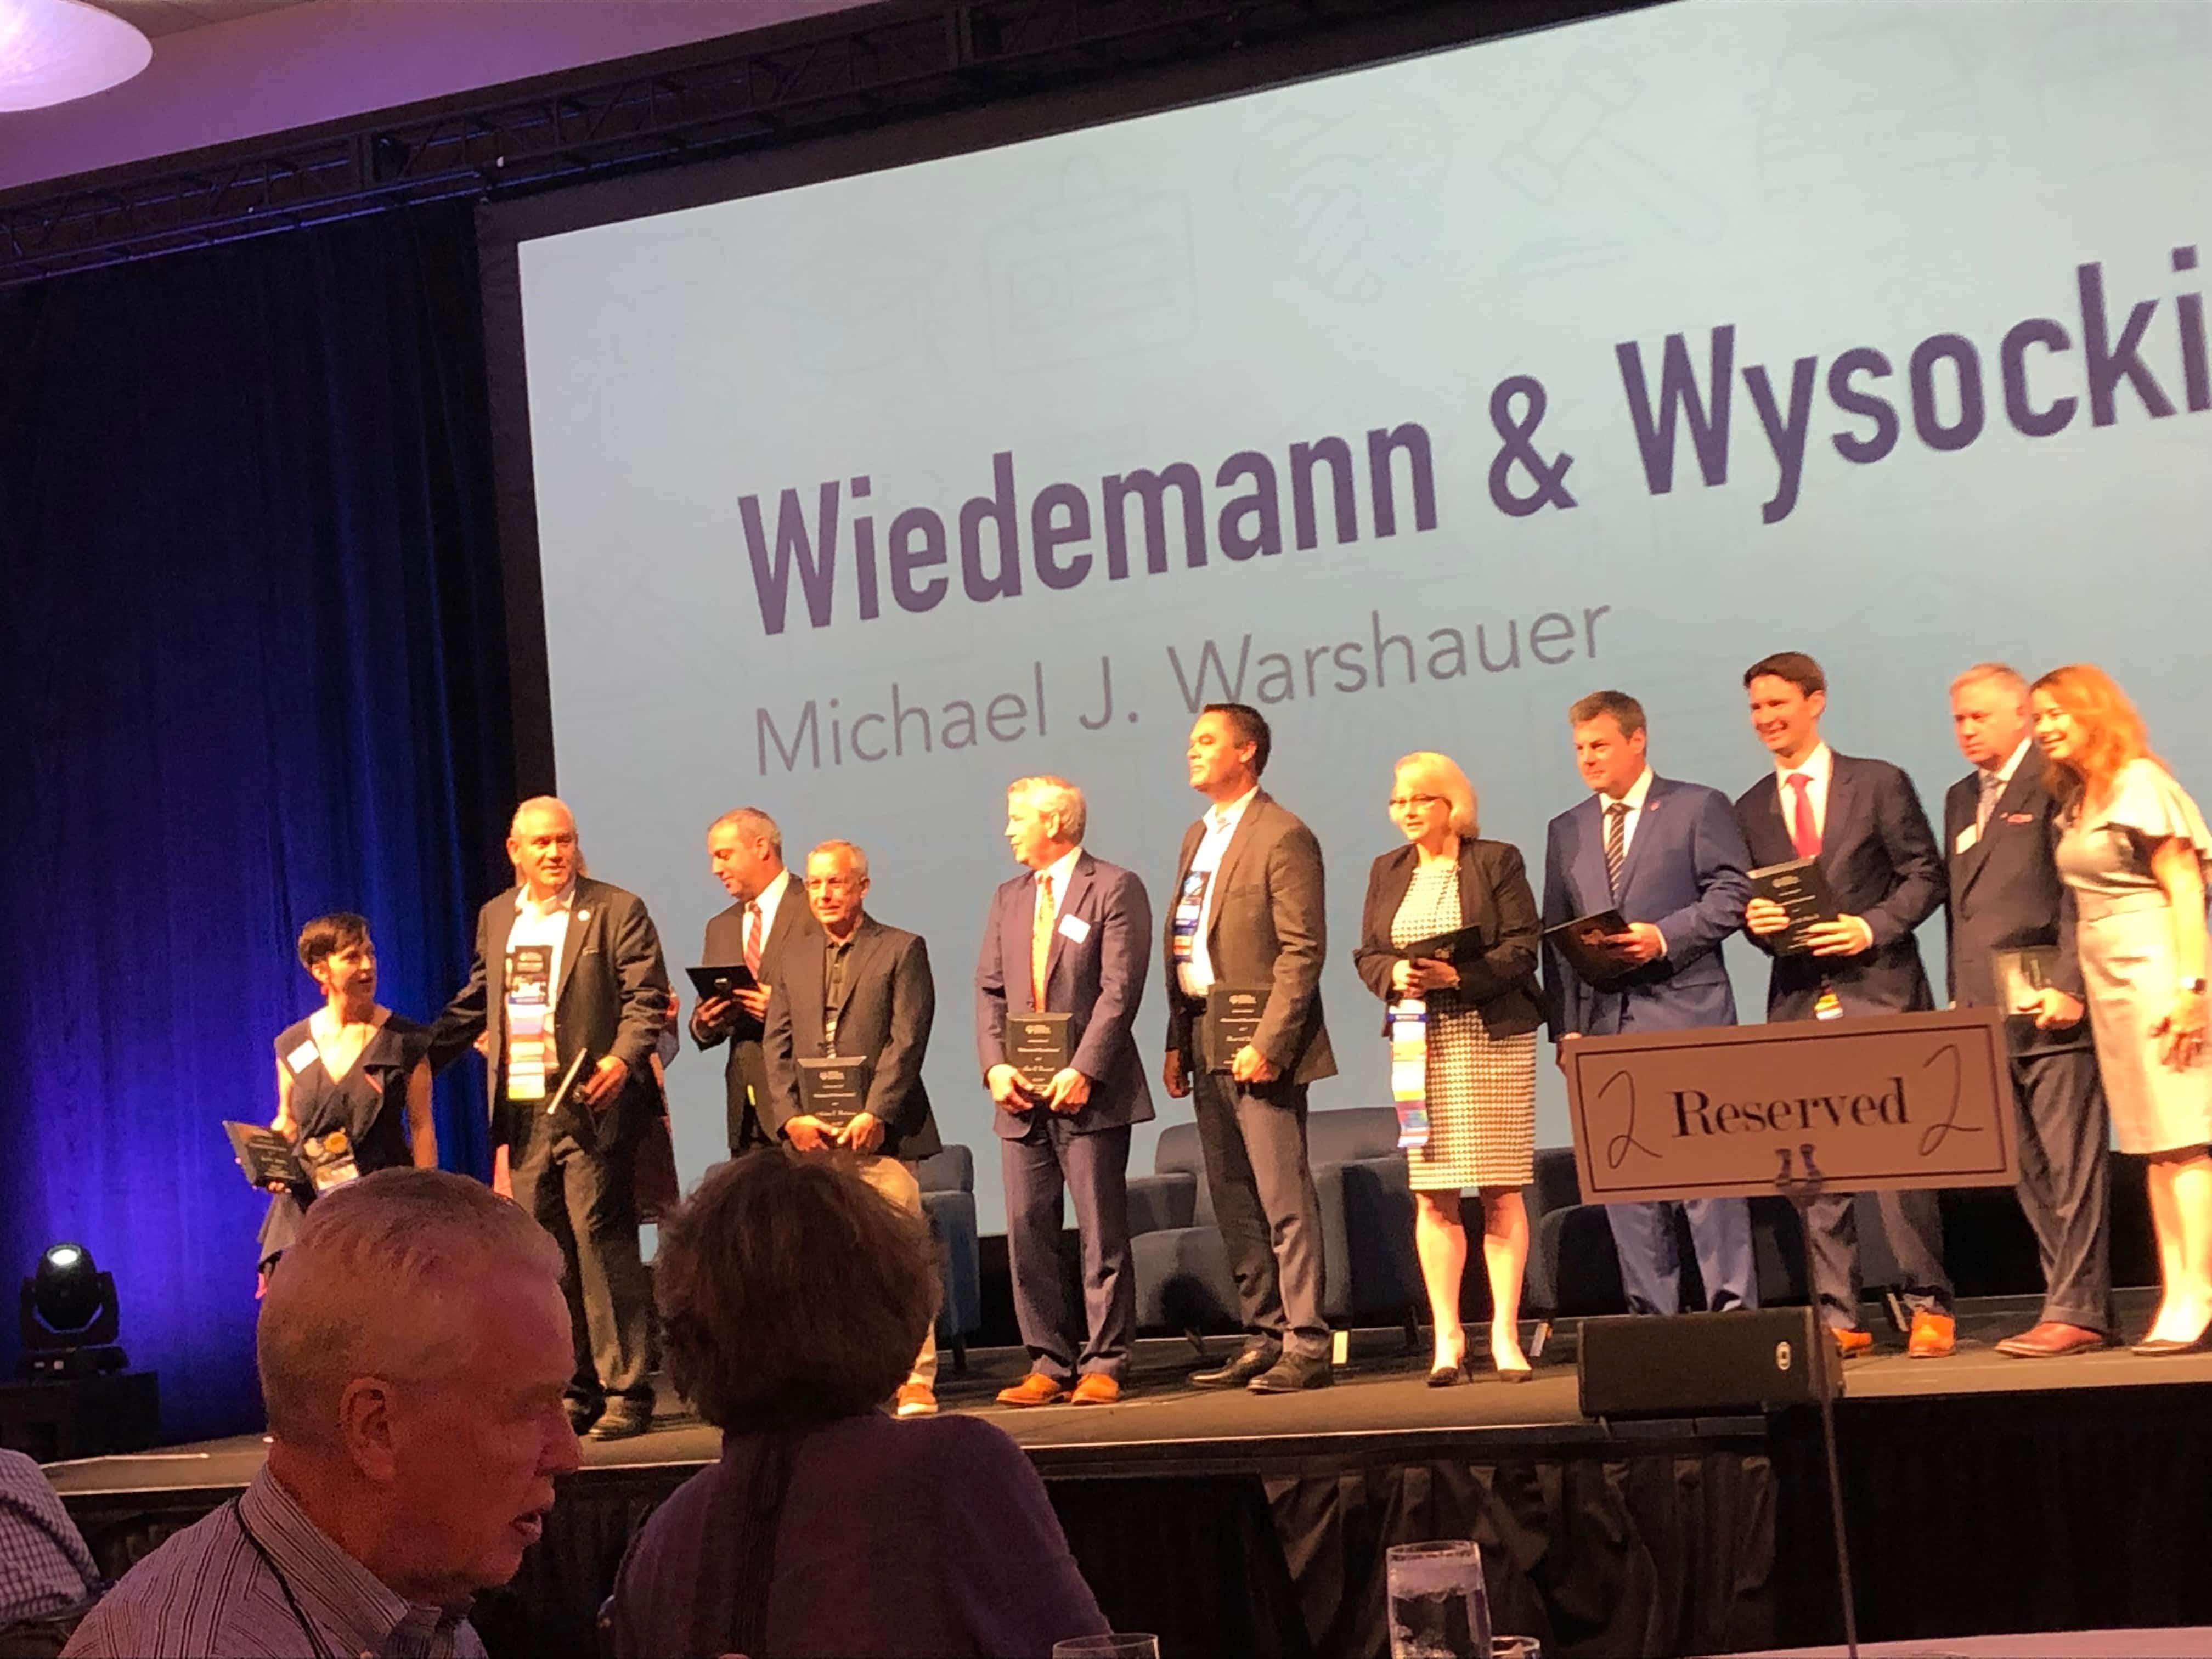 Patrick Salvi II AAJ 2019 Wiedemann & Wysocki Award